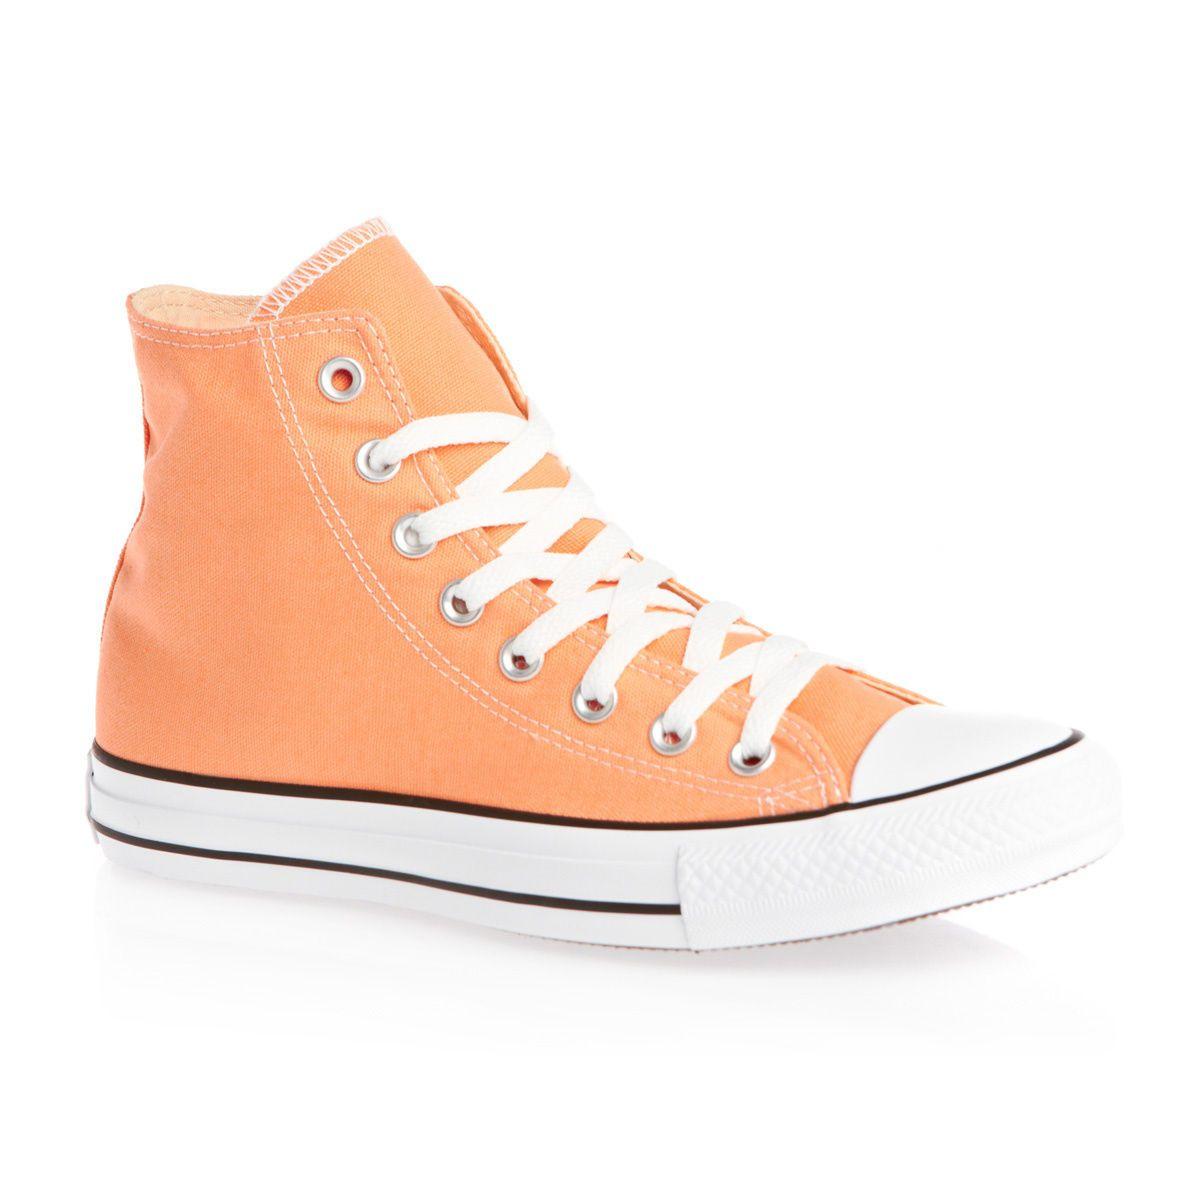 converse all star peach